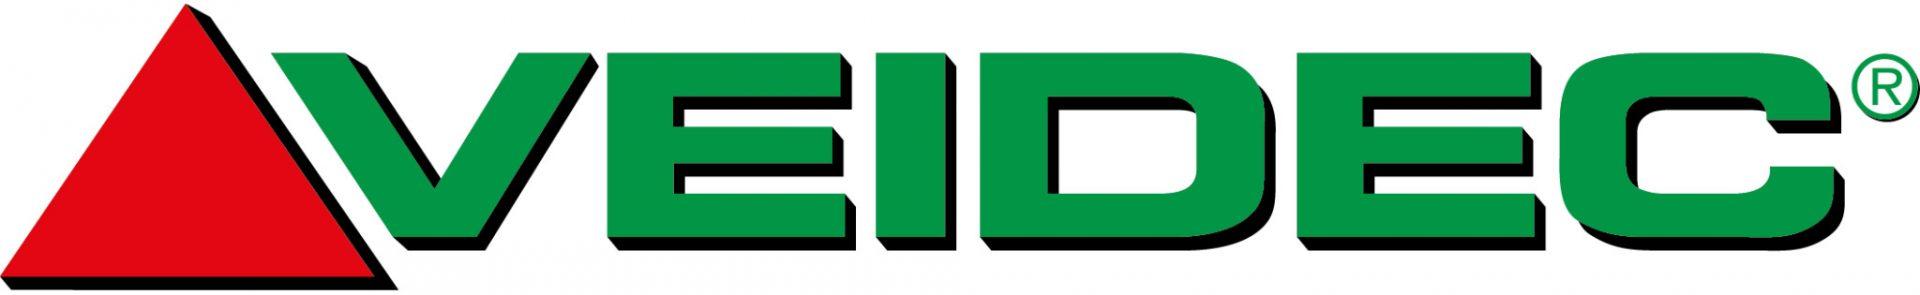 Veidec - Takshop leverandør